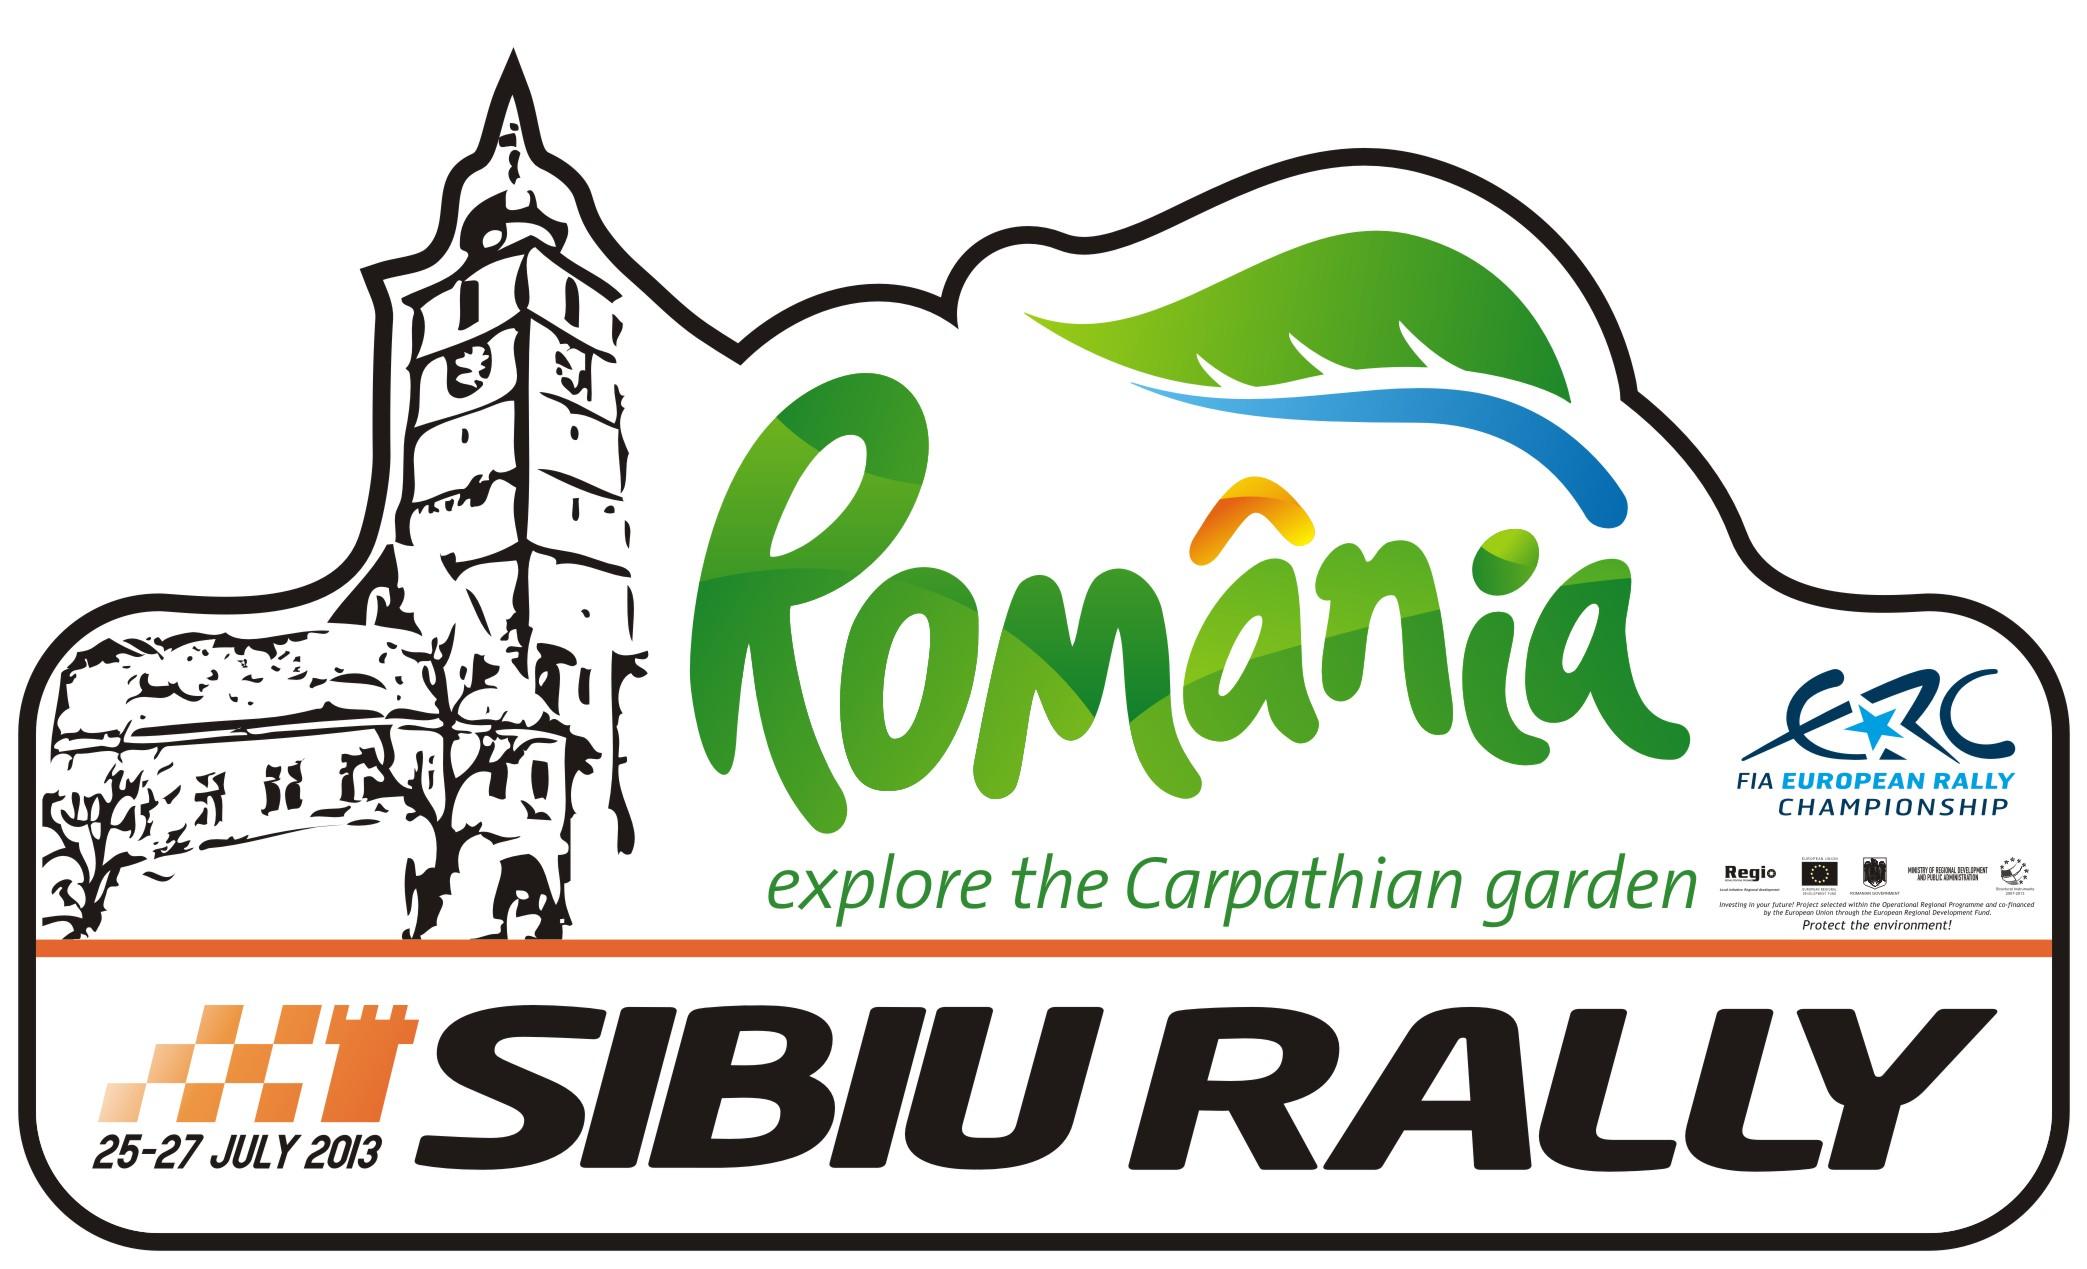 Raliul Sibiului 2014 a fost amanat